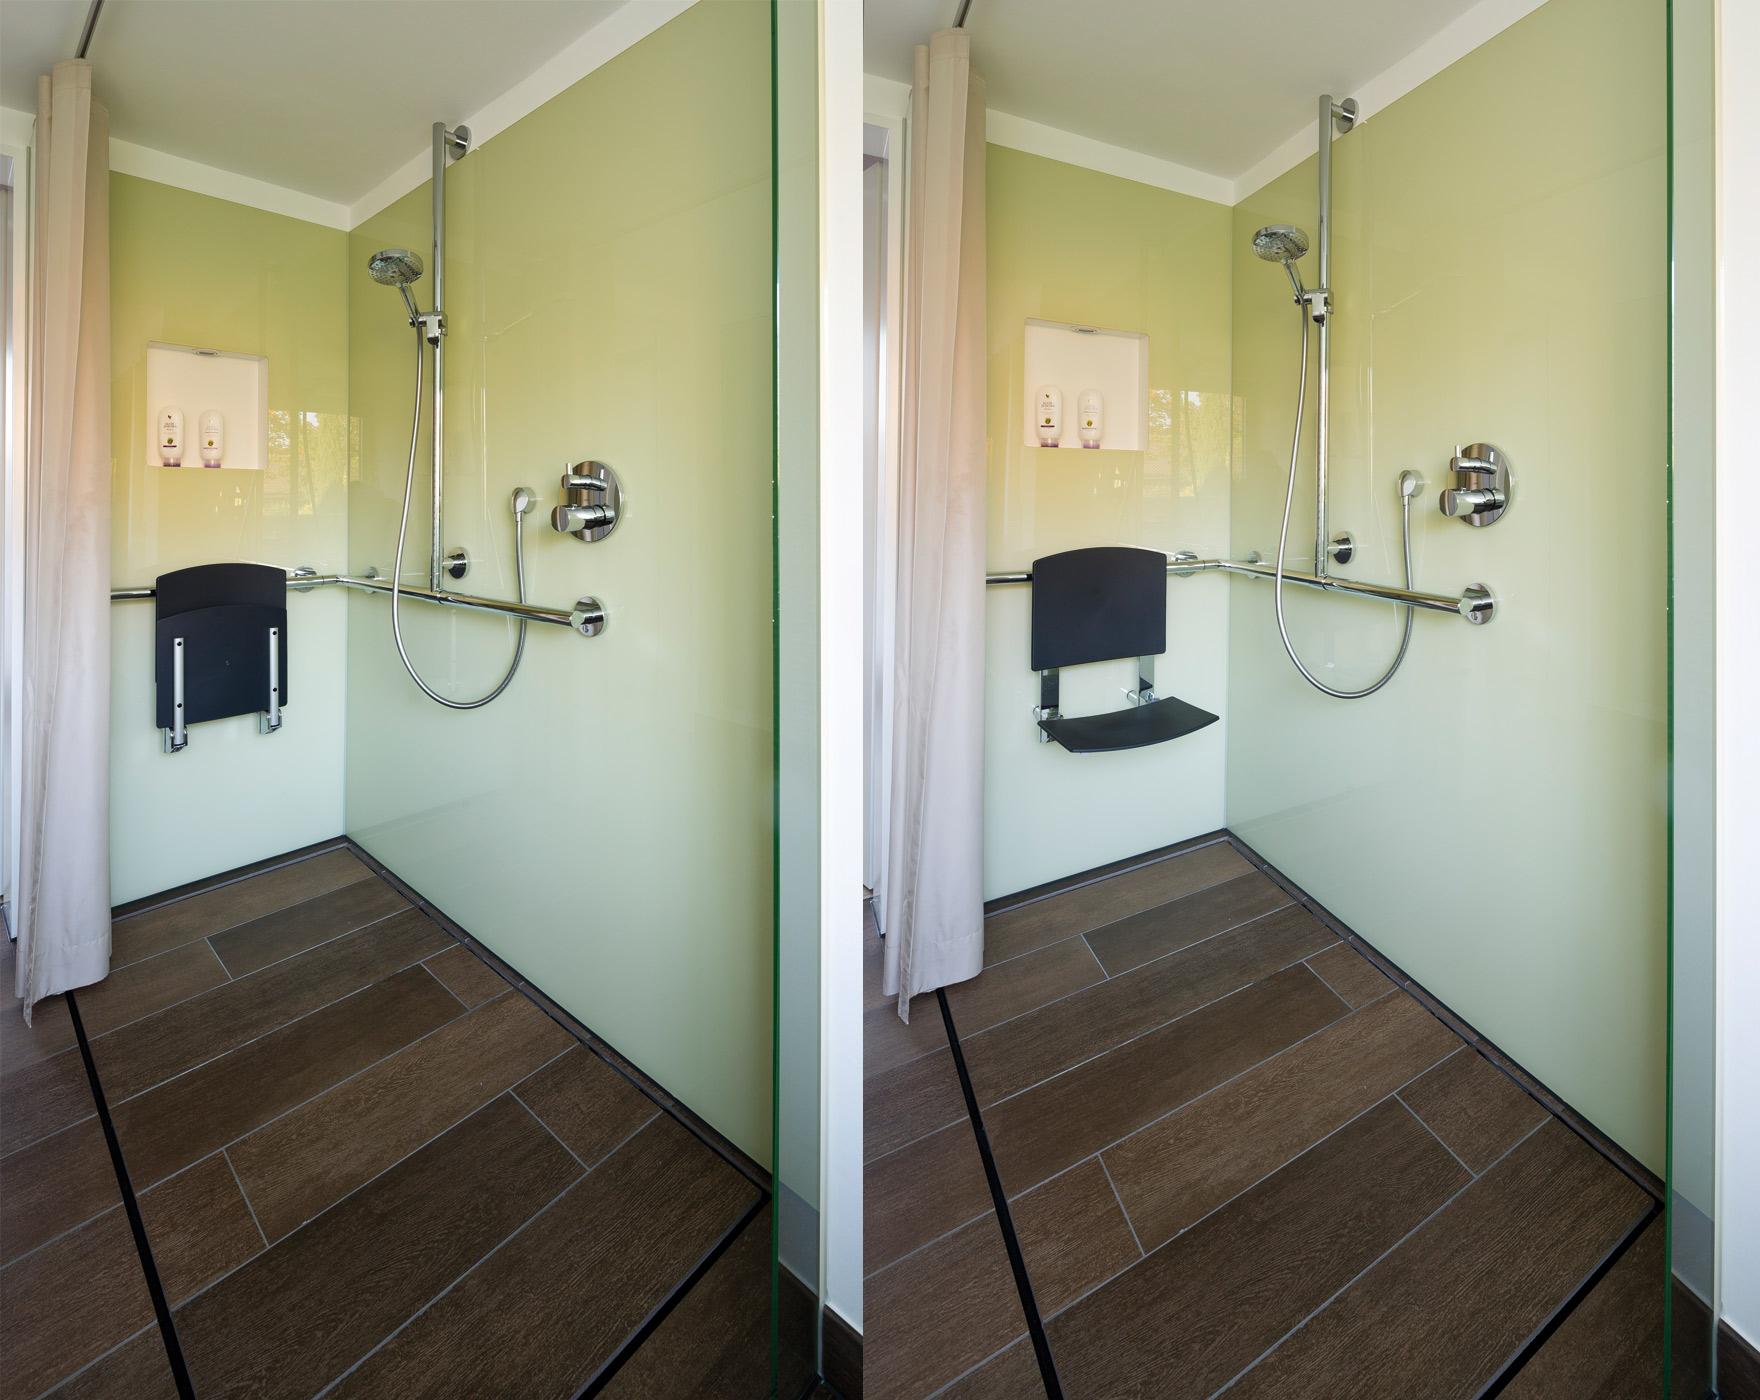 Full Size of Ebenerdige Dusche Bodengleiche Duschen 10 Top Duschideen Baqua Wand Nachträglich Einbauen Ebenerdig Raindance Begehbare Unterputz Armatur Anal Walkin 80x80 Dusche Ebenerdige Dusche